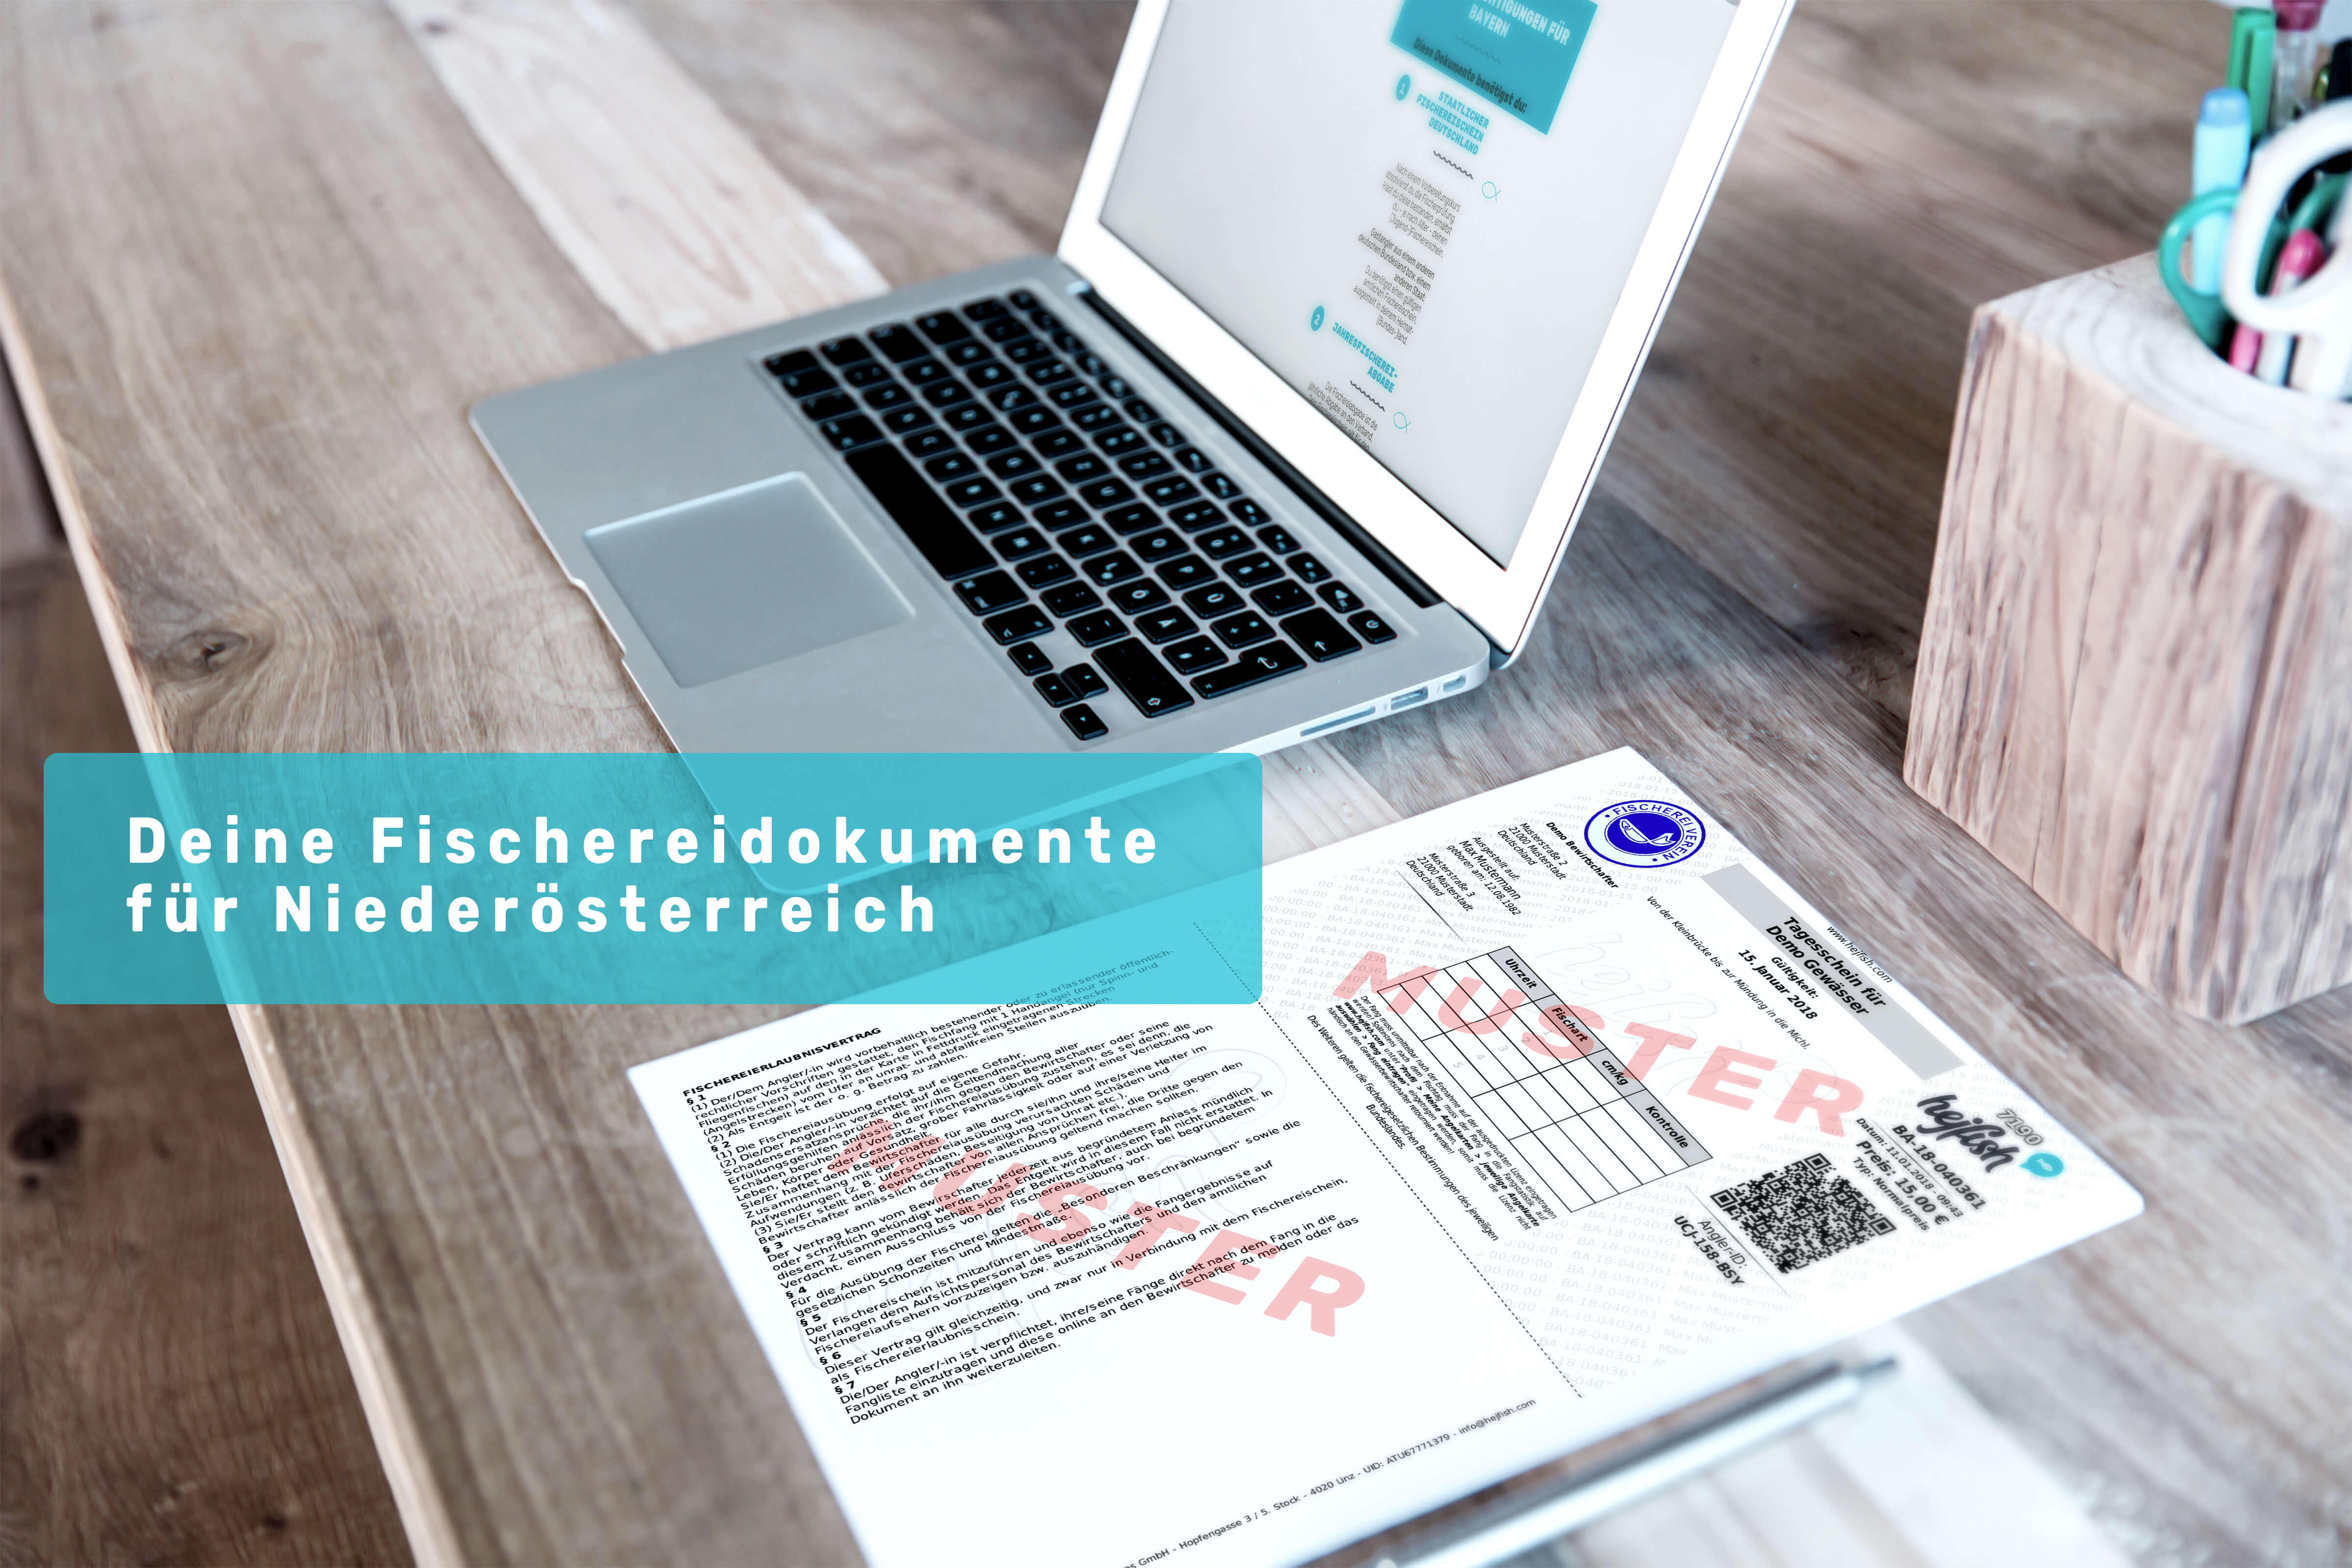 """Ein Laptop auf einem Schreibtisch mit einer Muster Angelkarte und dem Schriftzug """" Deine Fischereidokumente für Niederösterreich"""""""